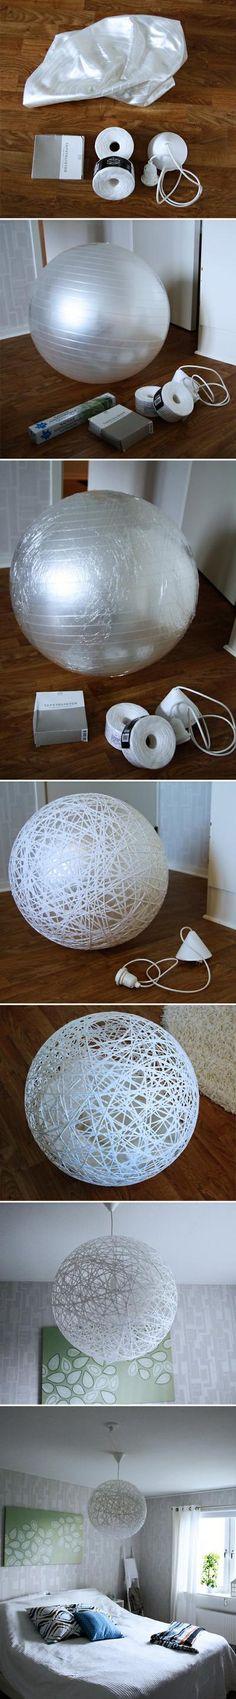 Sehe dir das Foto von Handwerklein mit dem Titel So kann man selber eine super coole Lampe machen. Mit einem Sitzball, Klarsichtfolie, Tapetenkleister und Papiergarn. Ballon aufblasen und dann mit Folie abdecken. Papiergarn darüber verteilen und dann mit Tapetenkleister bepinseln und trocknen lassen. Dann die Luft aus dem Ball lassen und entfernen. und andere inspirierende Bilder auf Spaaz.de an.